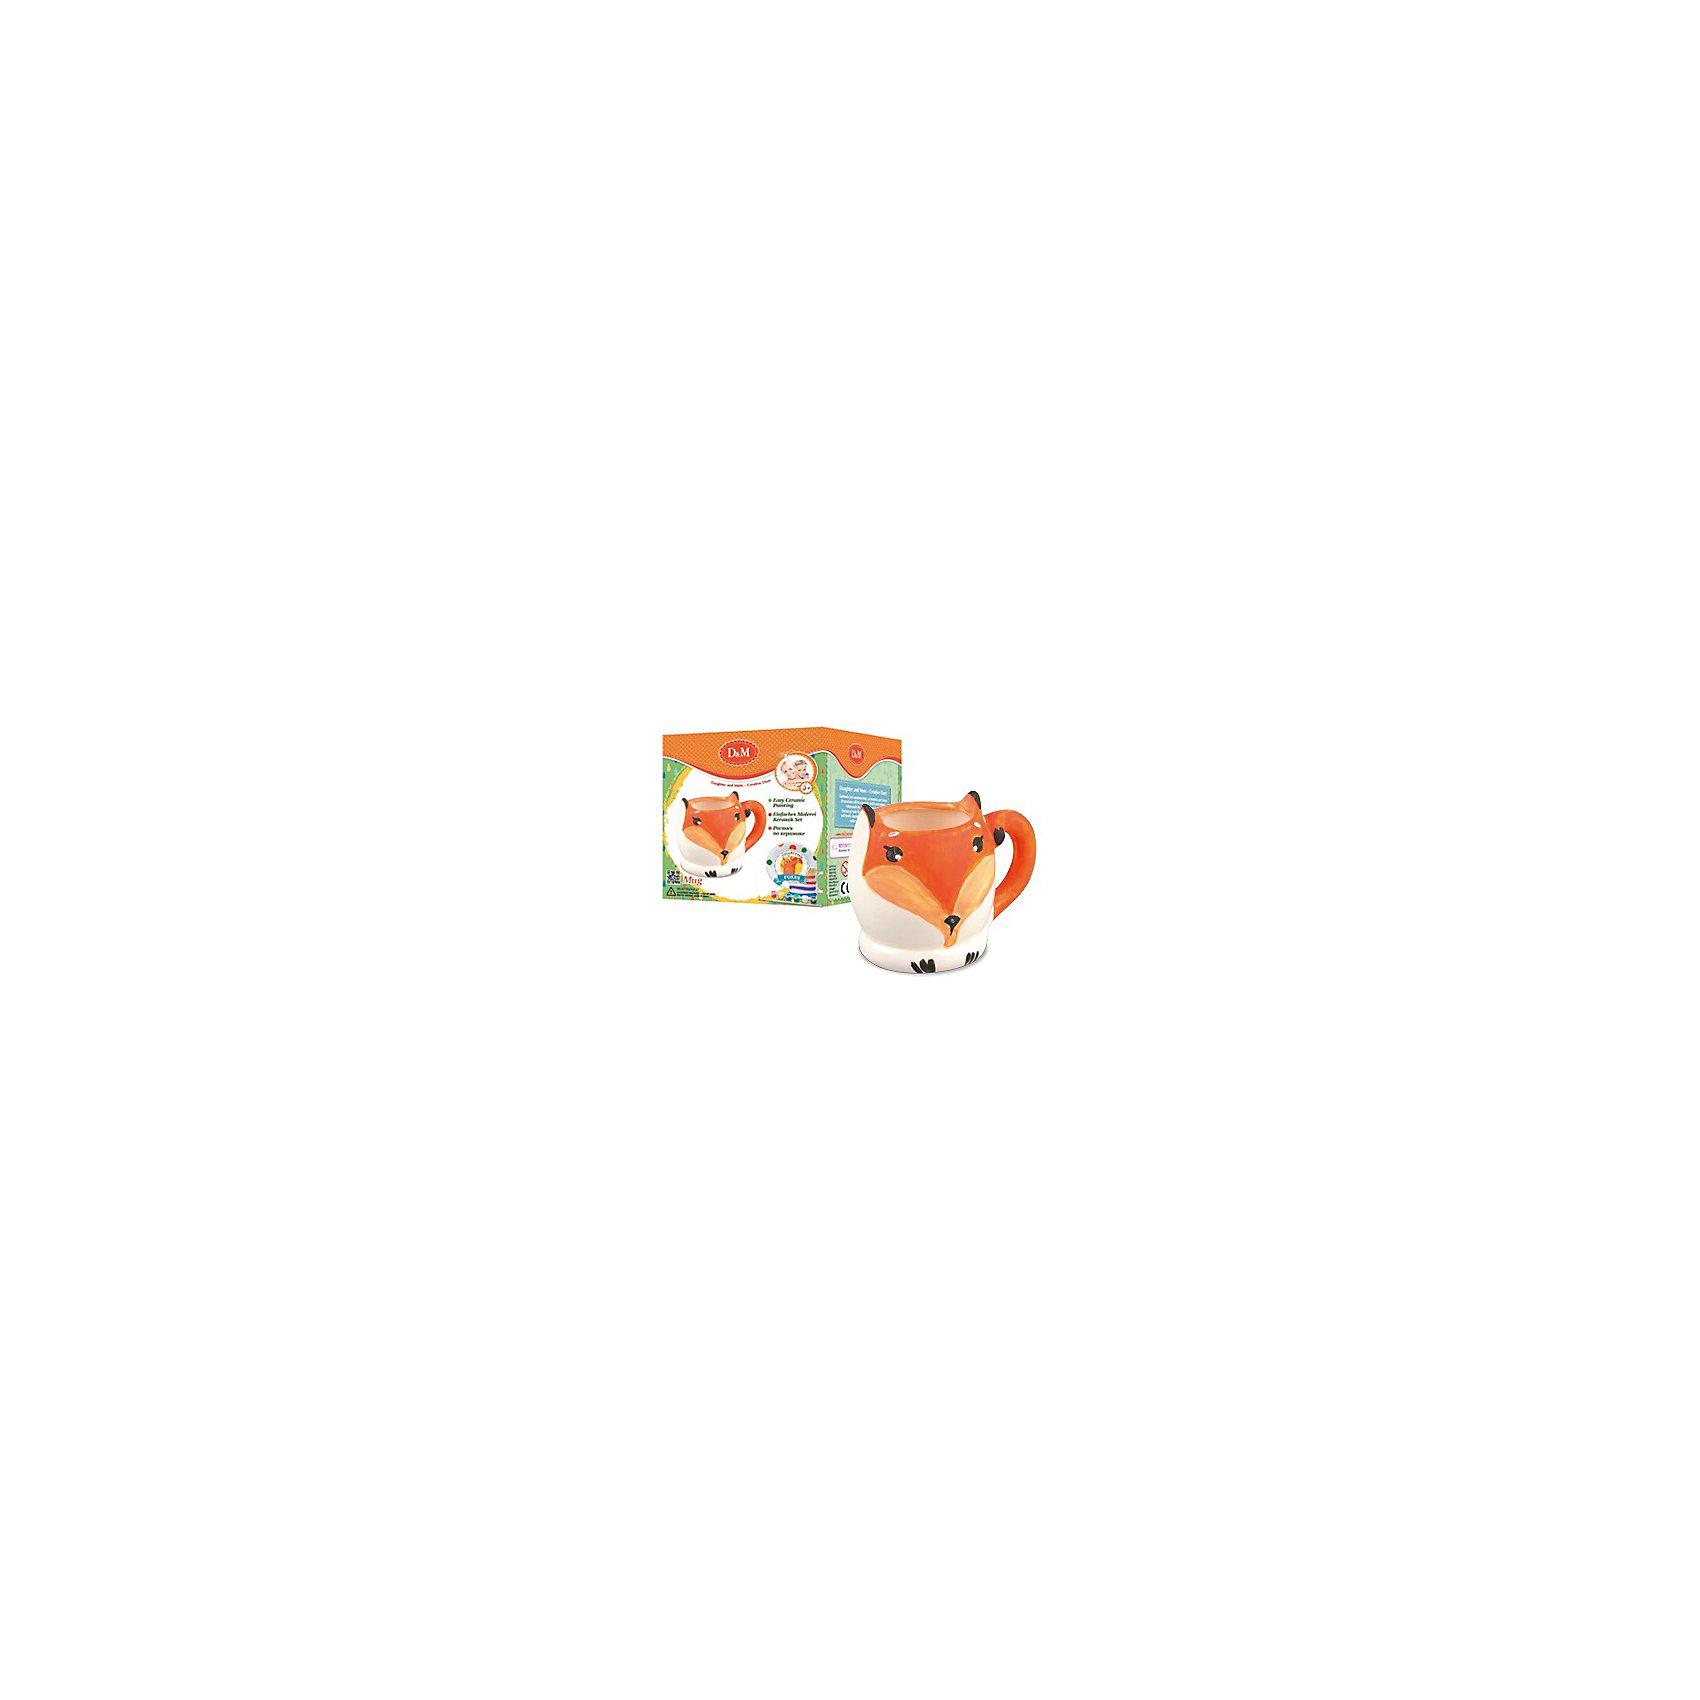 РосписьпокерамикеКружкаЛисаПосуда<br>Роспись по керамике Кружка Лиса – это увлекательный вариант досуга для юных рукодельниц.<br>Декоративная роспись - творческий и увлекательный процесс. Яркие краски, кисть и керамическая кружка - все что нужно, чтобы создать атмосферу художественной мастерской, где творятся чудеса. Набор для росписи по керамике Кружка Лиса поможет создать красивое произведения искусства, которое можно использовать и в быту. Кружка в виде мордашки миловидной лисы с торчащими ушками и хвостиком, играющим роль ручки, будет напоминать ребенку, как  он наполнял бесцветное керамическое изделие яркими насыщенными цветами. Занятия с набором способствуют развитию вкуса, воображения и творческих способностей ребенка.<br><br>Дополнительная информация:<br><br>- В наборе: керамическая кружка с ручкой, 6 красок, кисточка<br>- Размер упаковки: 11,2х9,2х10 см.<br>- Вес: 208 гр.<br><br>Набор Роспись по керамике Кружка Лиса можно купить в нашем интернет-магазине.<br><br>Ширина мм: 112<br>Глубина мм: 92<br>Высота мм: 100<br>Вес г: 208<br>Возраст от месяцев: 60<br>Возраст до месяцев: 120<br>Пол: Унисекс<br>Возраст: Детский<br>SKU: 4623199